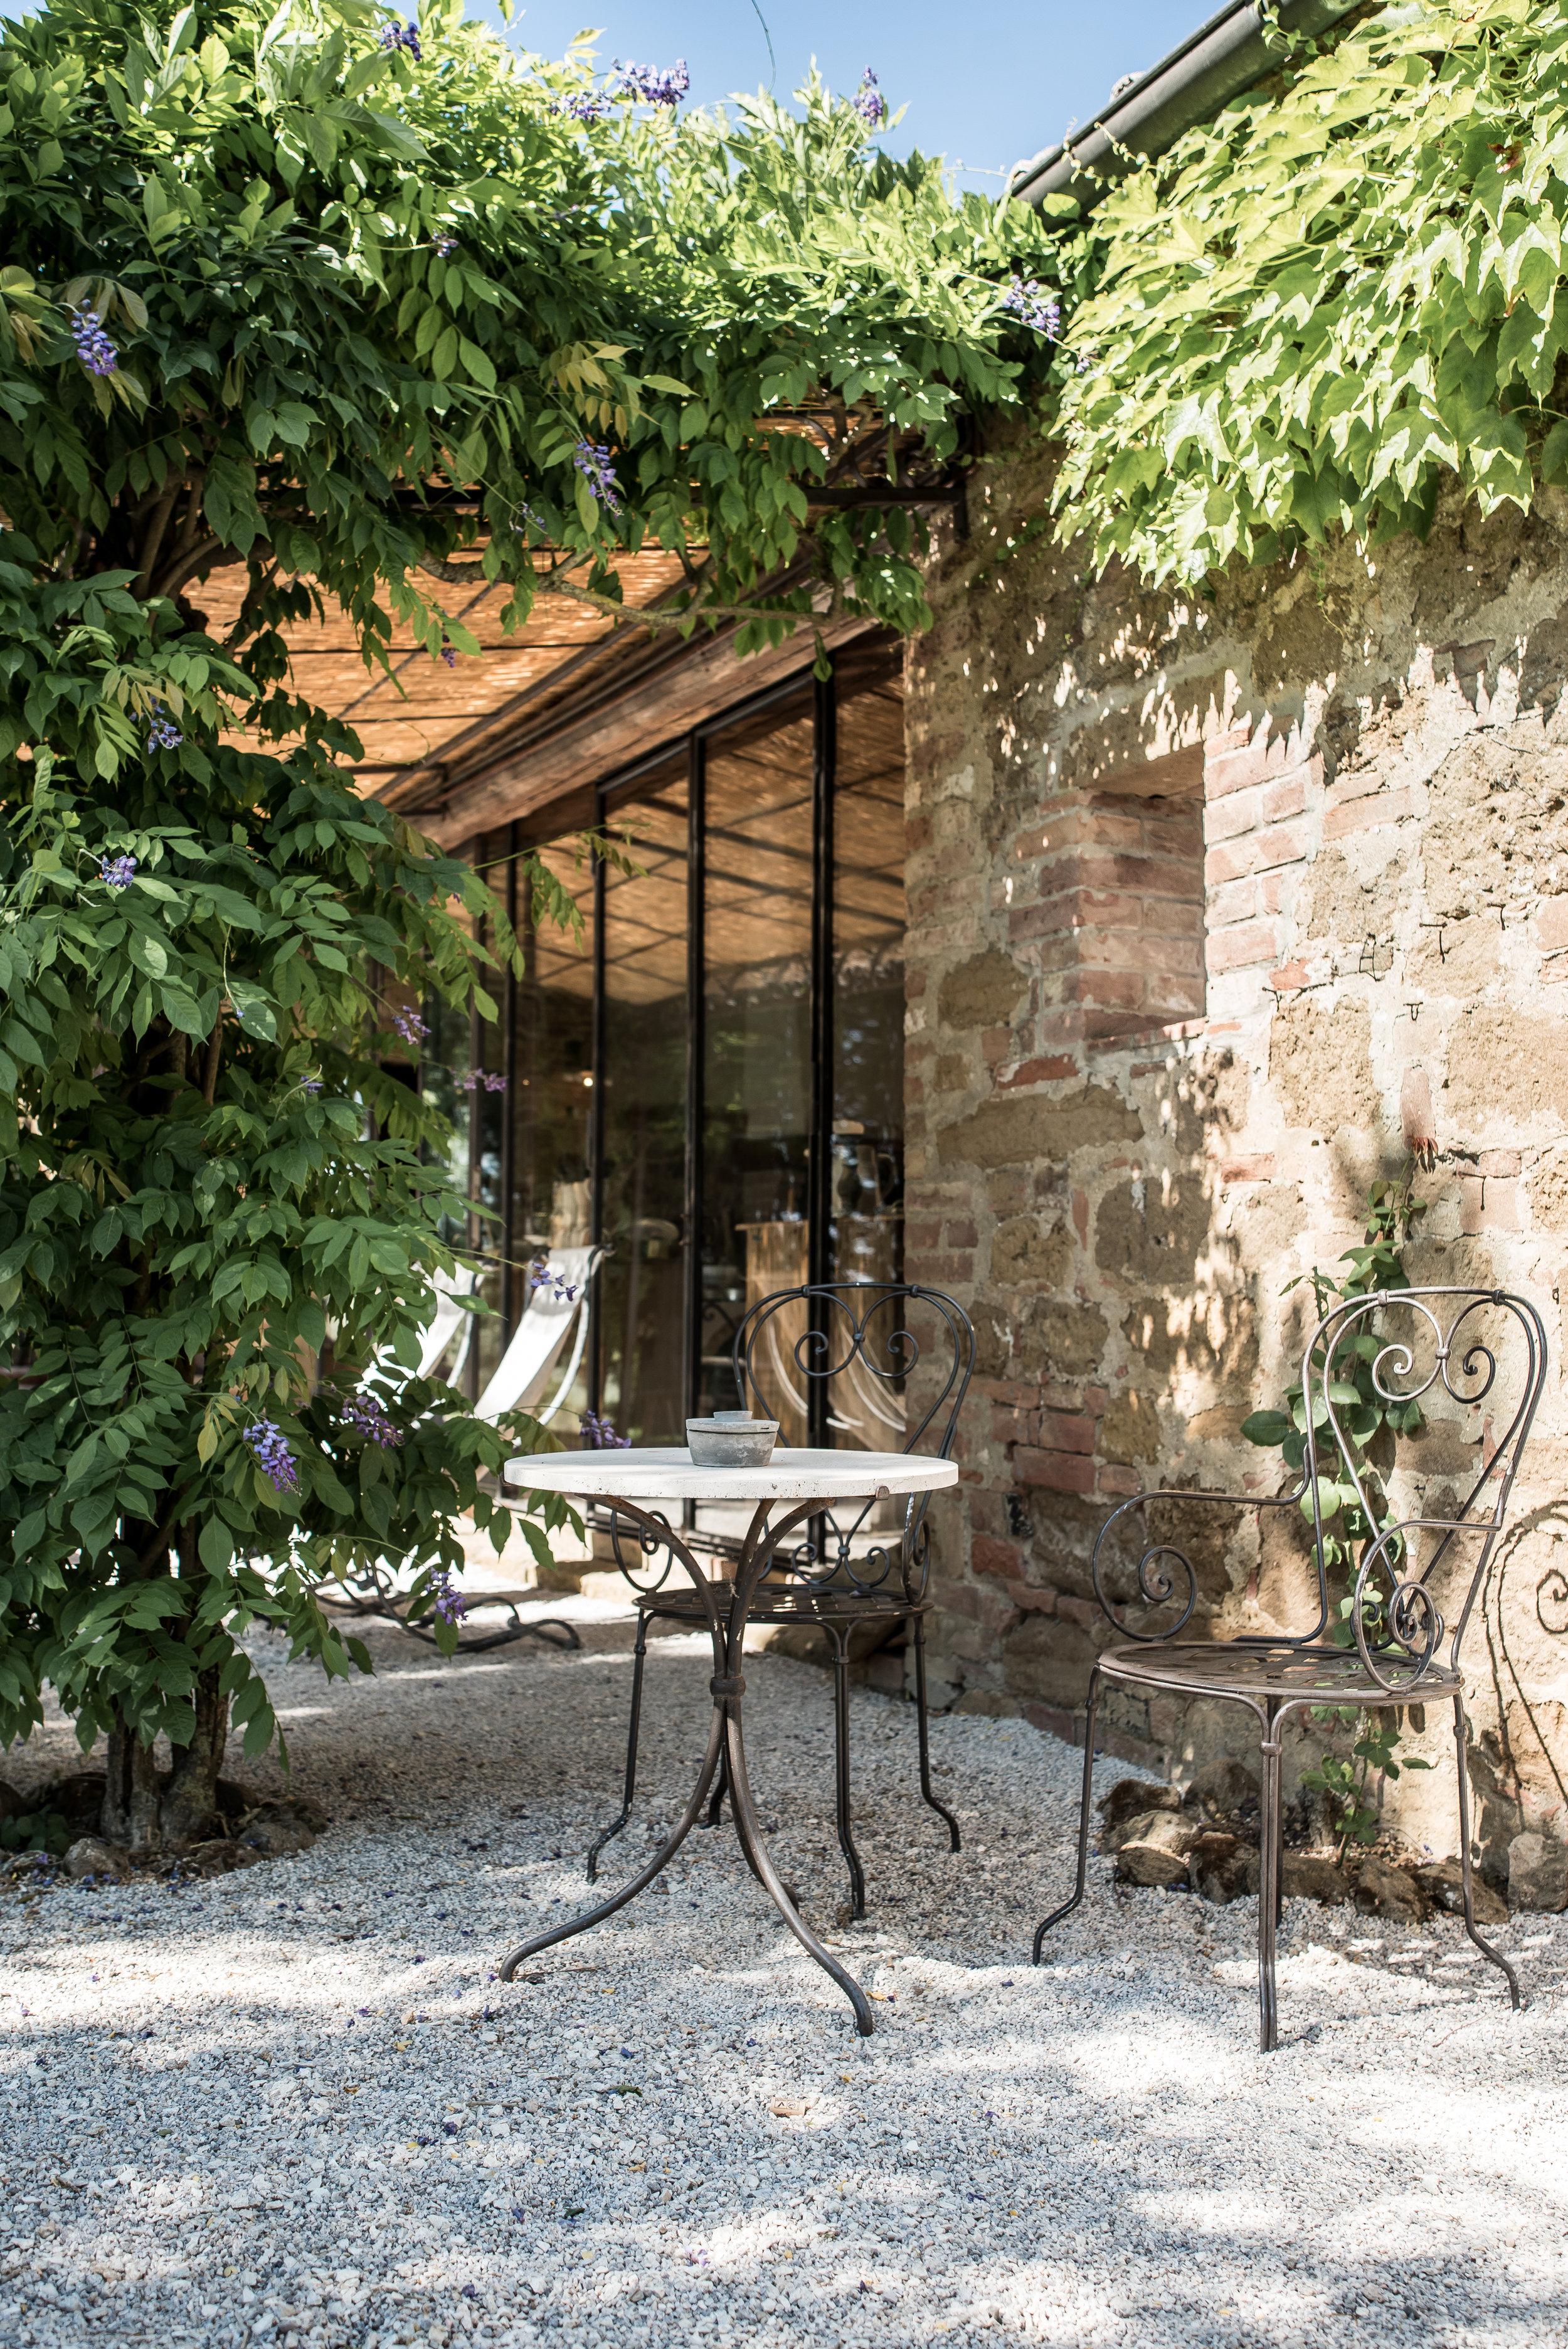 La Saracina, Tuscany